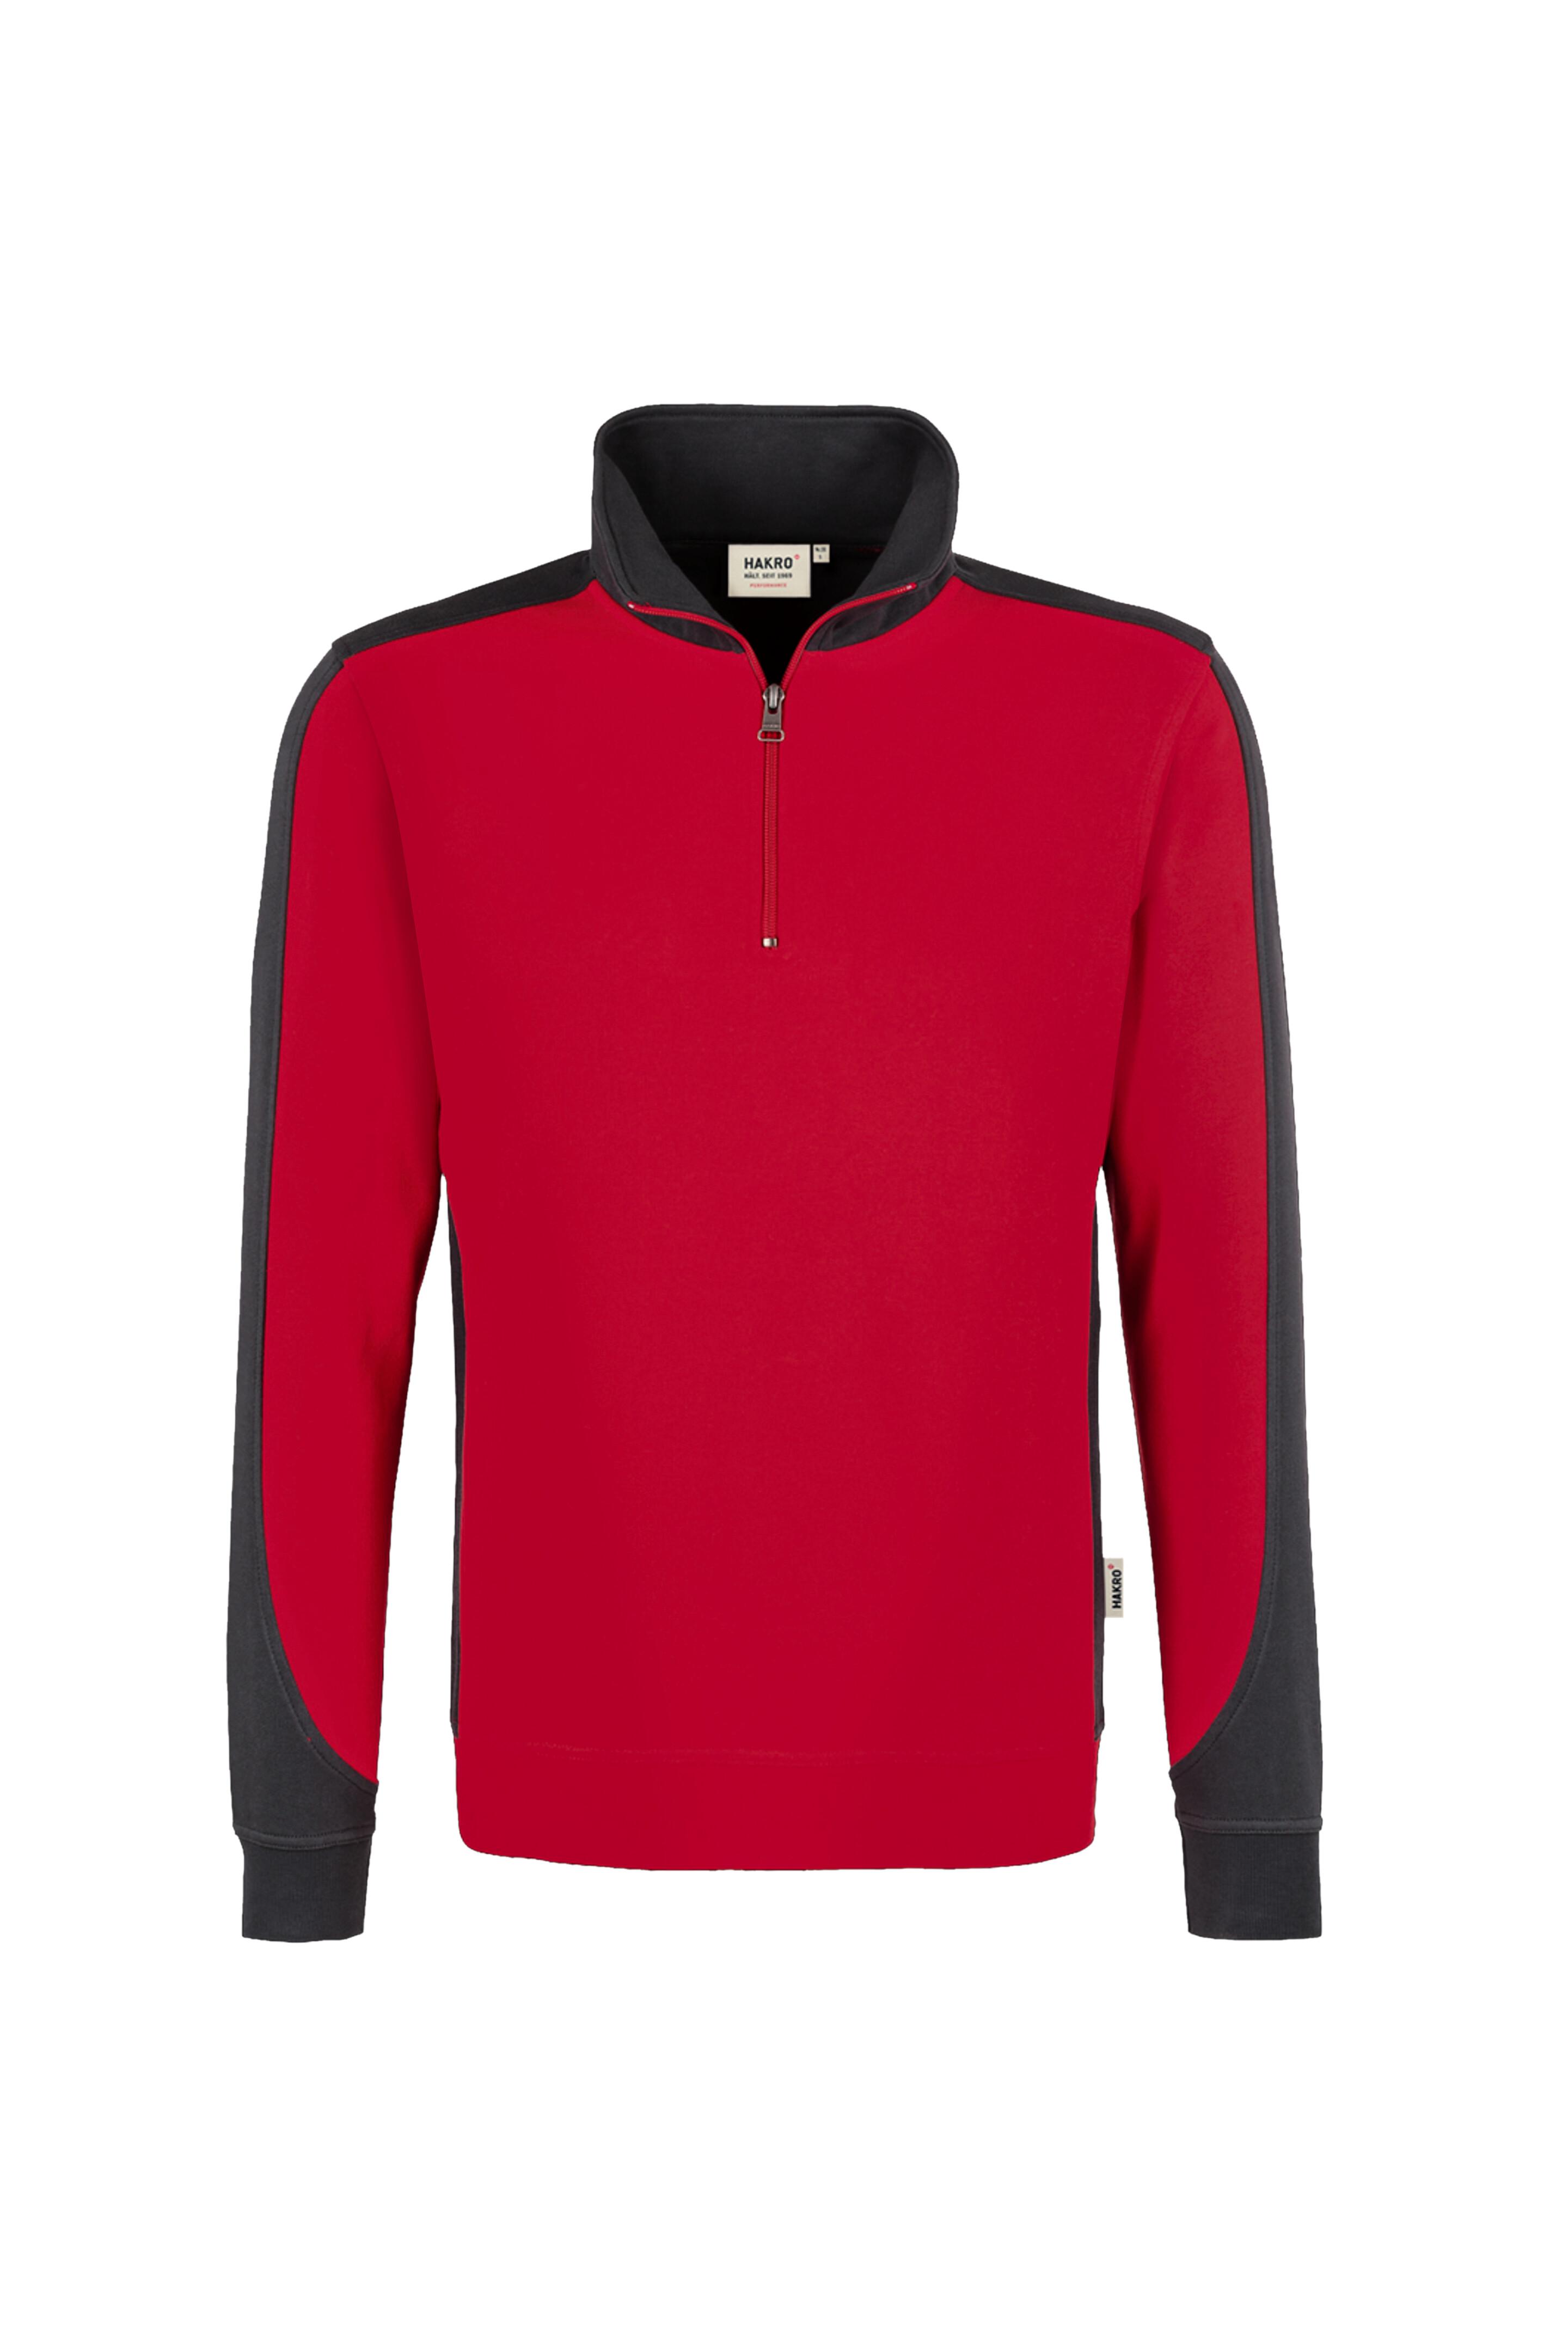 Zip-Sweatshirt Contrast Performance 476